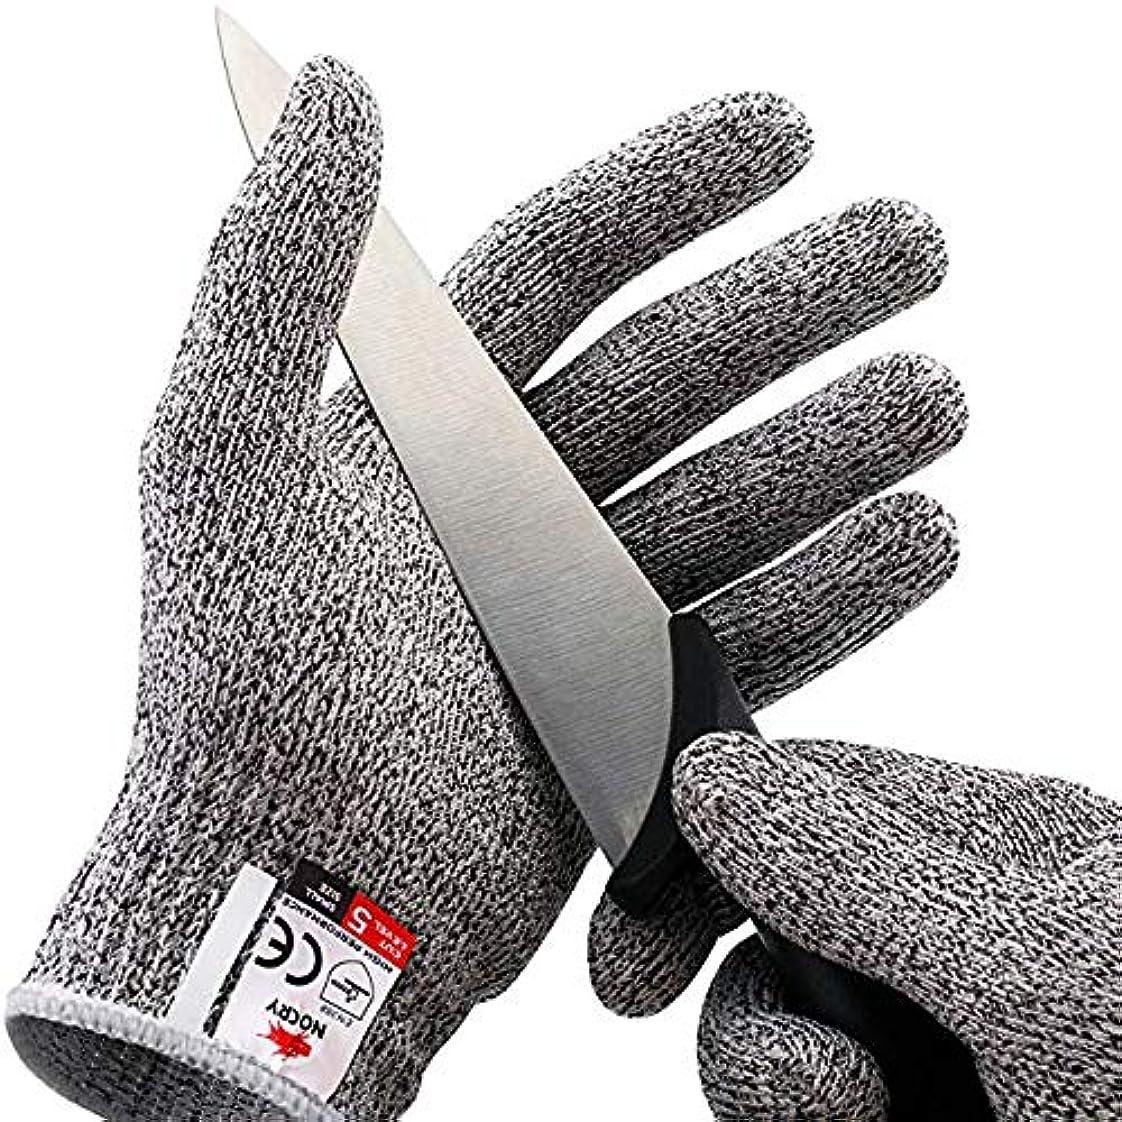 くそー性格食事を調理する食品グレード、高パフォーマンスレベル5の保護 - 耐性の手袋をカット。,L